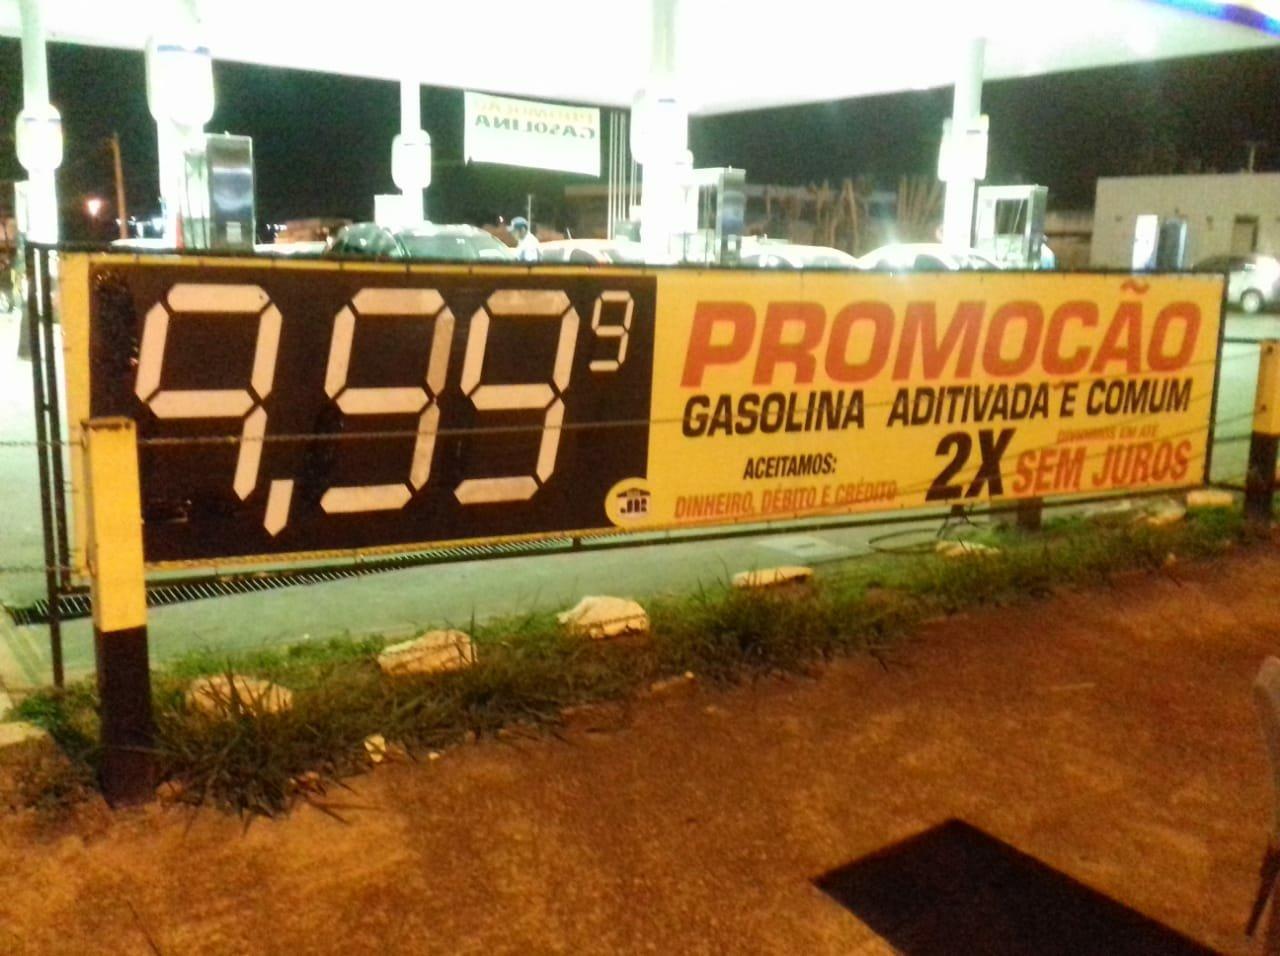 Gasolina 10 reais